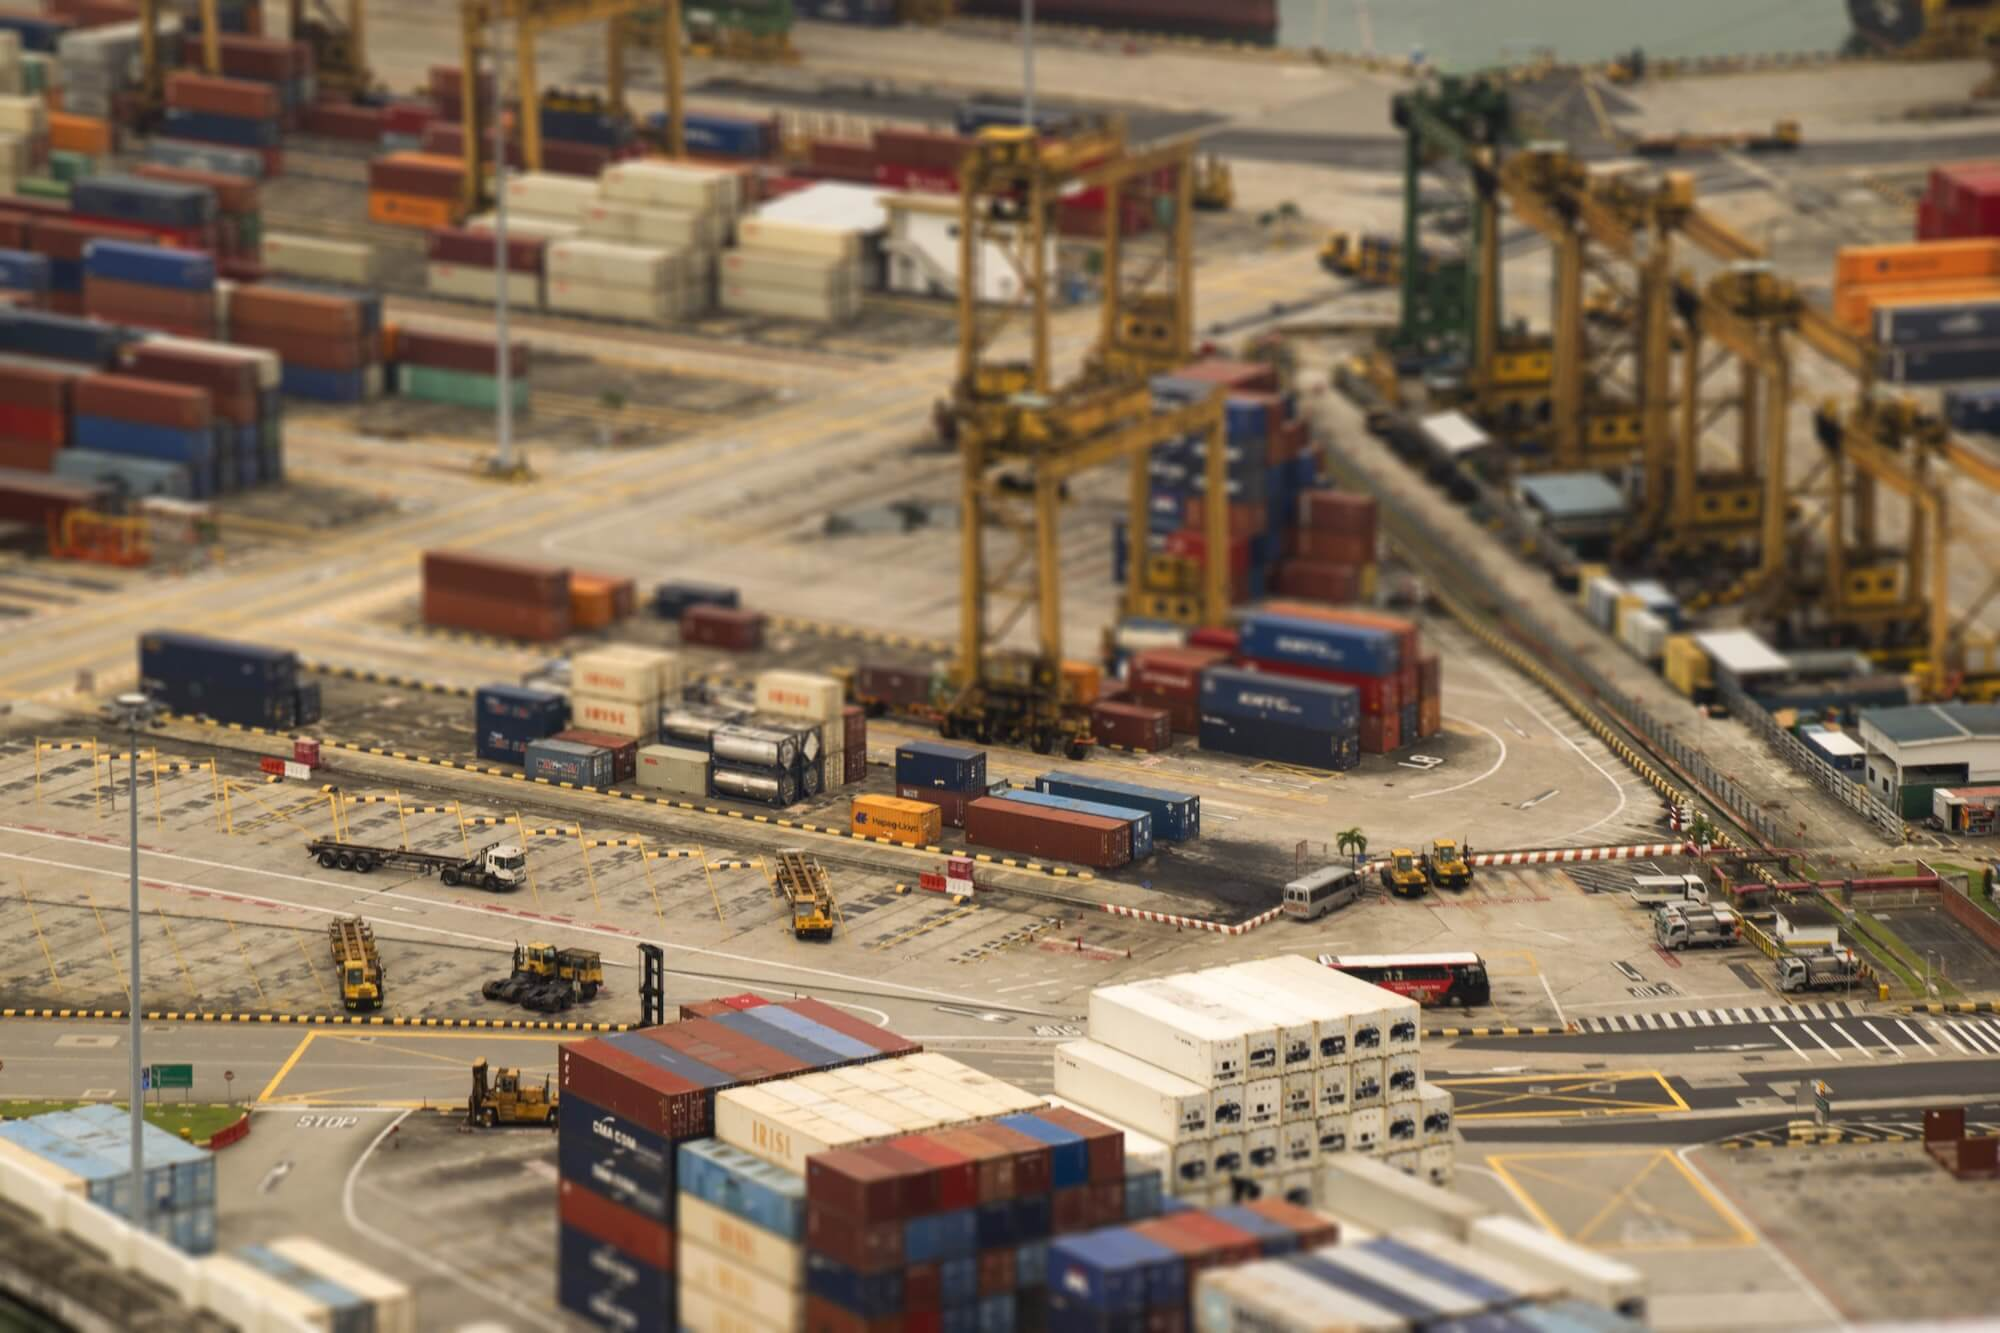 Containers pour transporter les marchandises